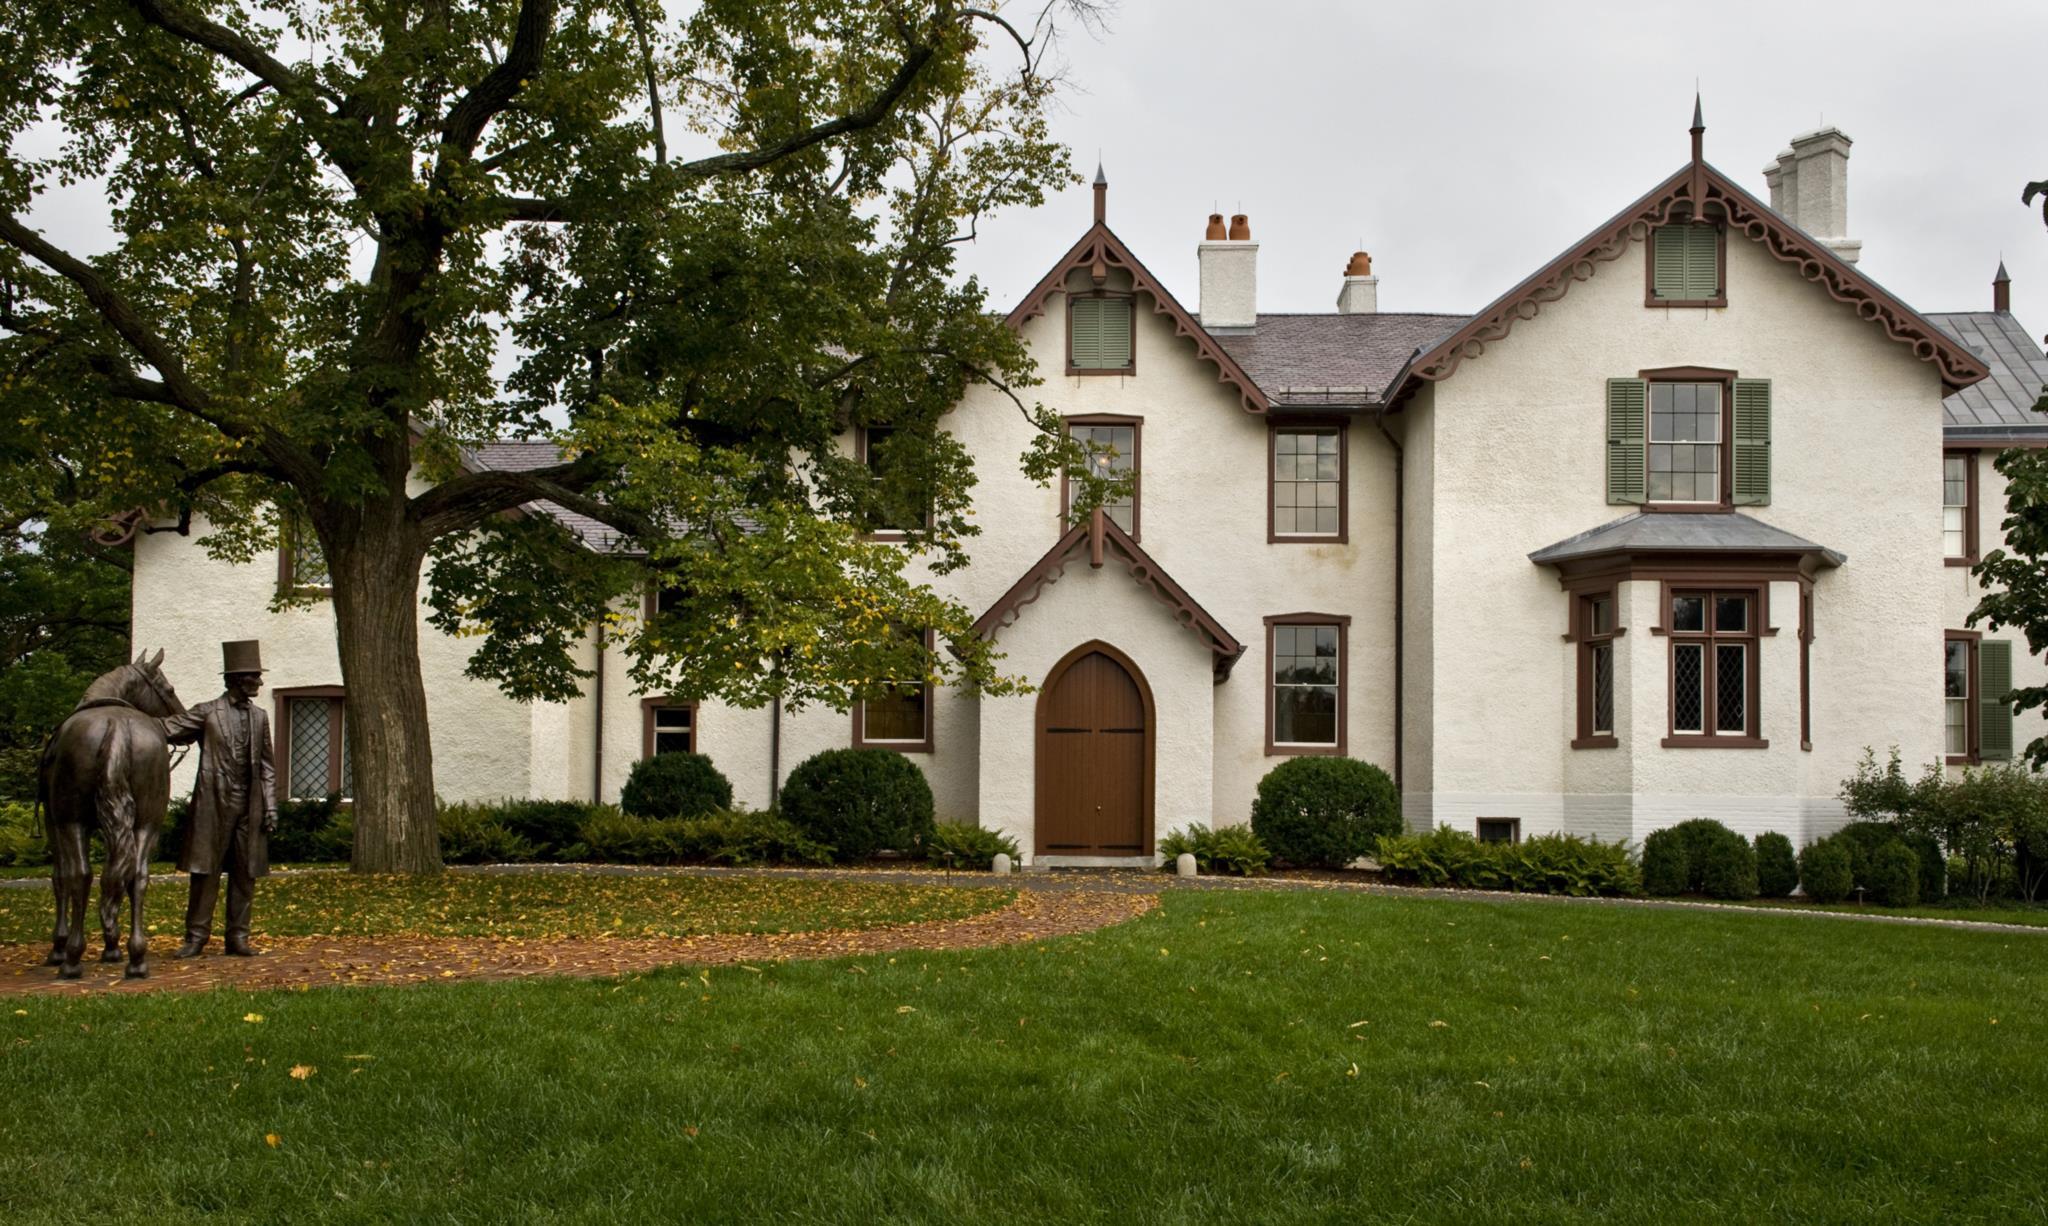 Casa de Abraham Lincoln, Northwest Washington D.C.